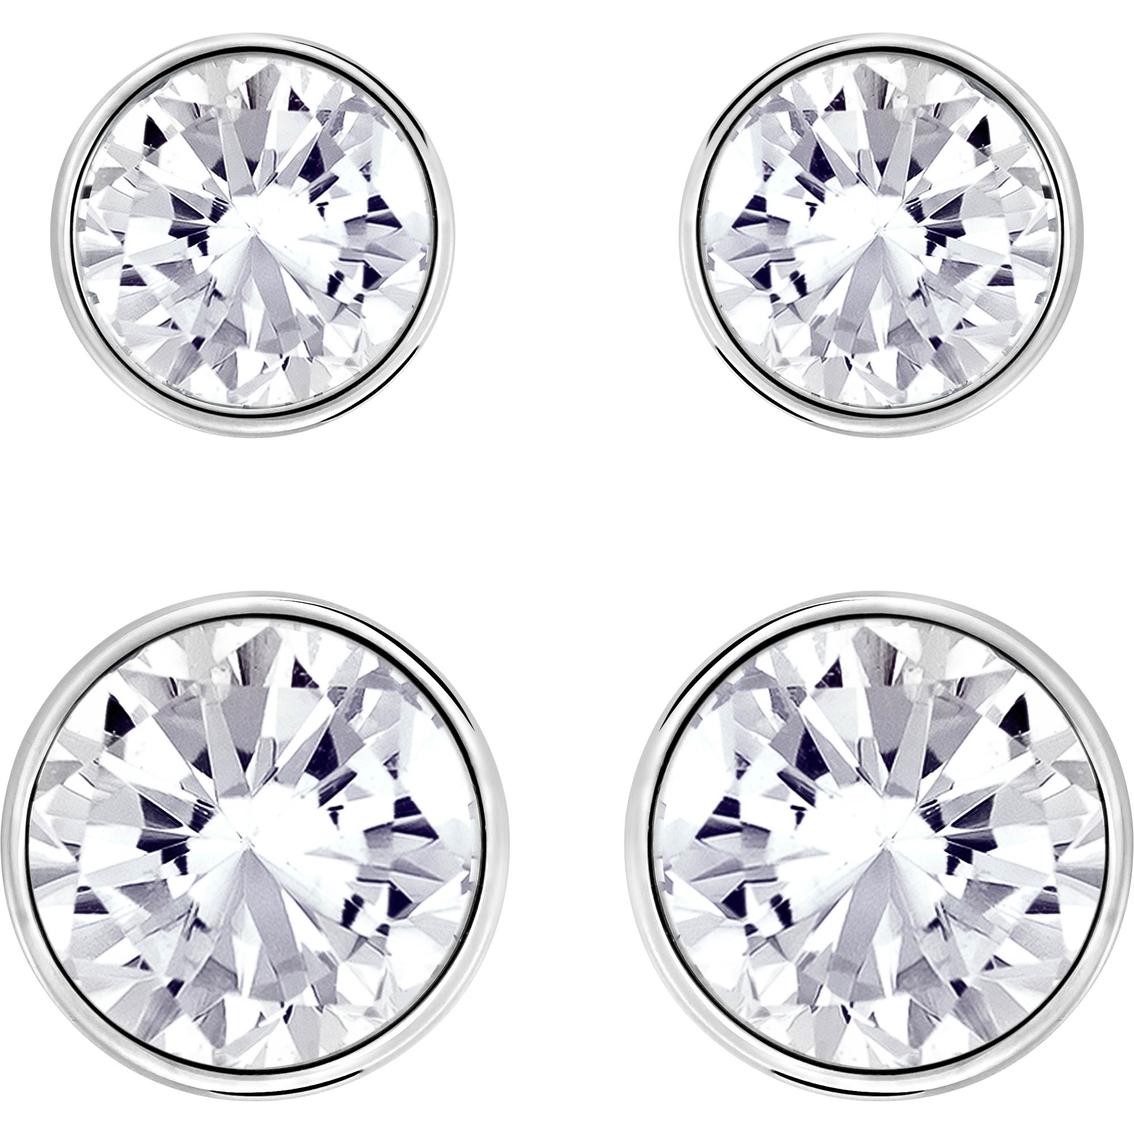 b538e93f8 Swarovski Harley Pierced Earring Set | Crystal Jewelry | Jewelry ...